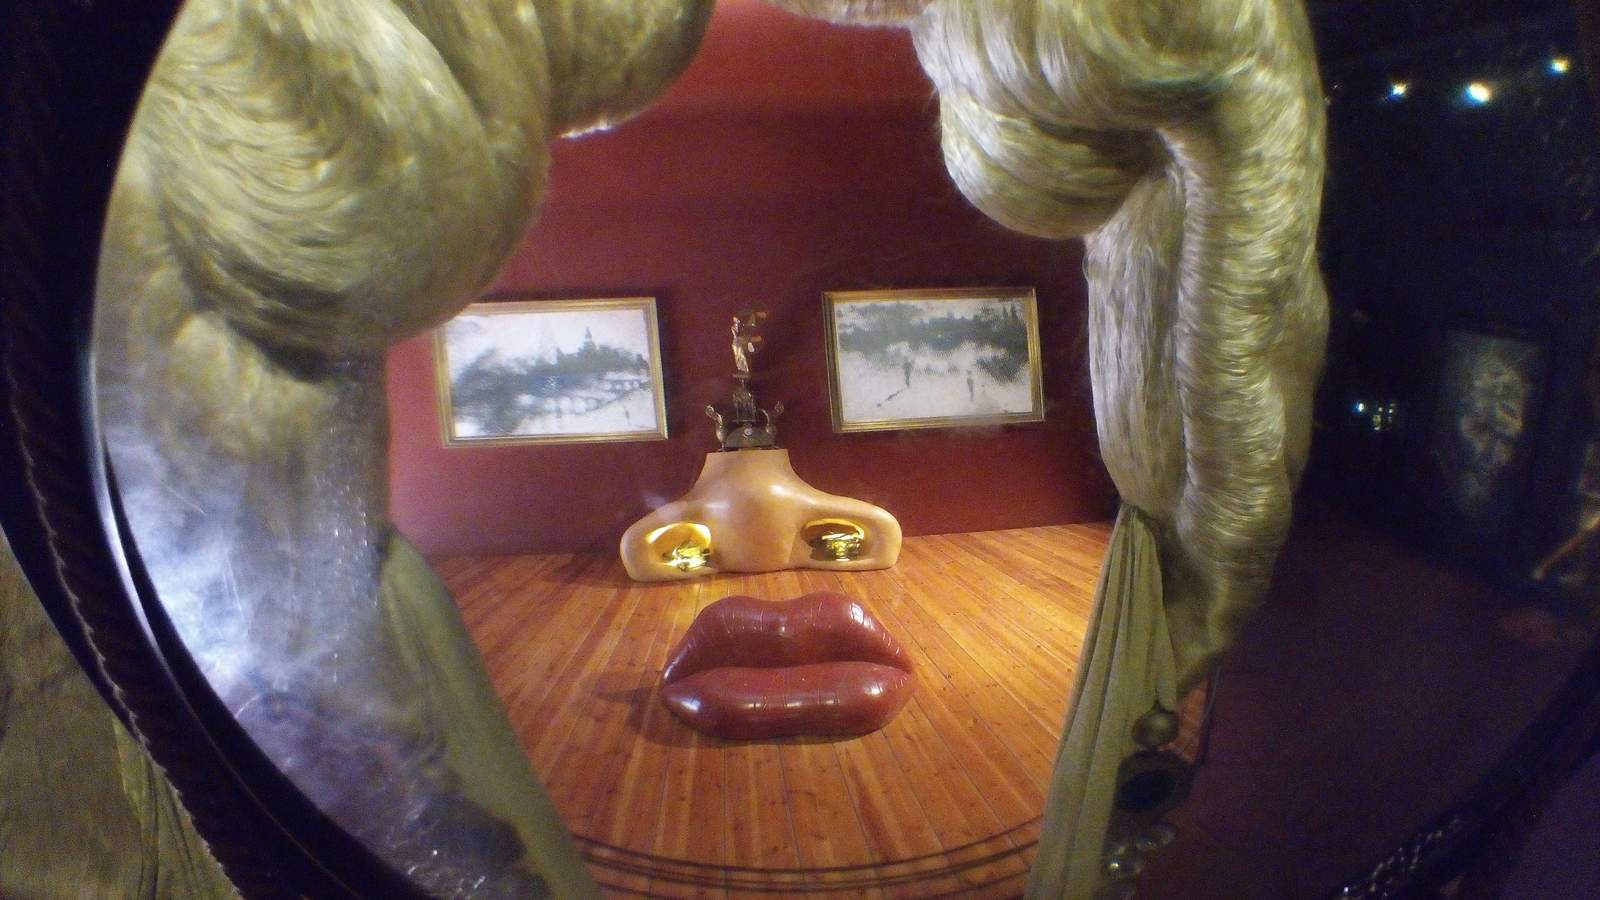 Obra de Dalí que que a través de un visor muestra la cara de Marilyn Monroe que en realidad está formada por una habitación con muebles que representan cada una de las partes de la cara (por ejemplo el sofá son los labios, la chimenea, la nariz, etc.)